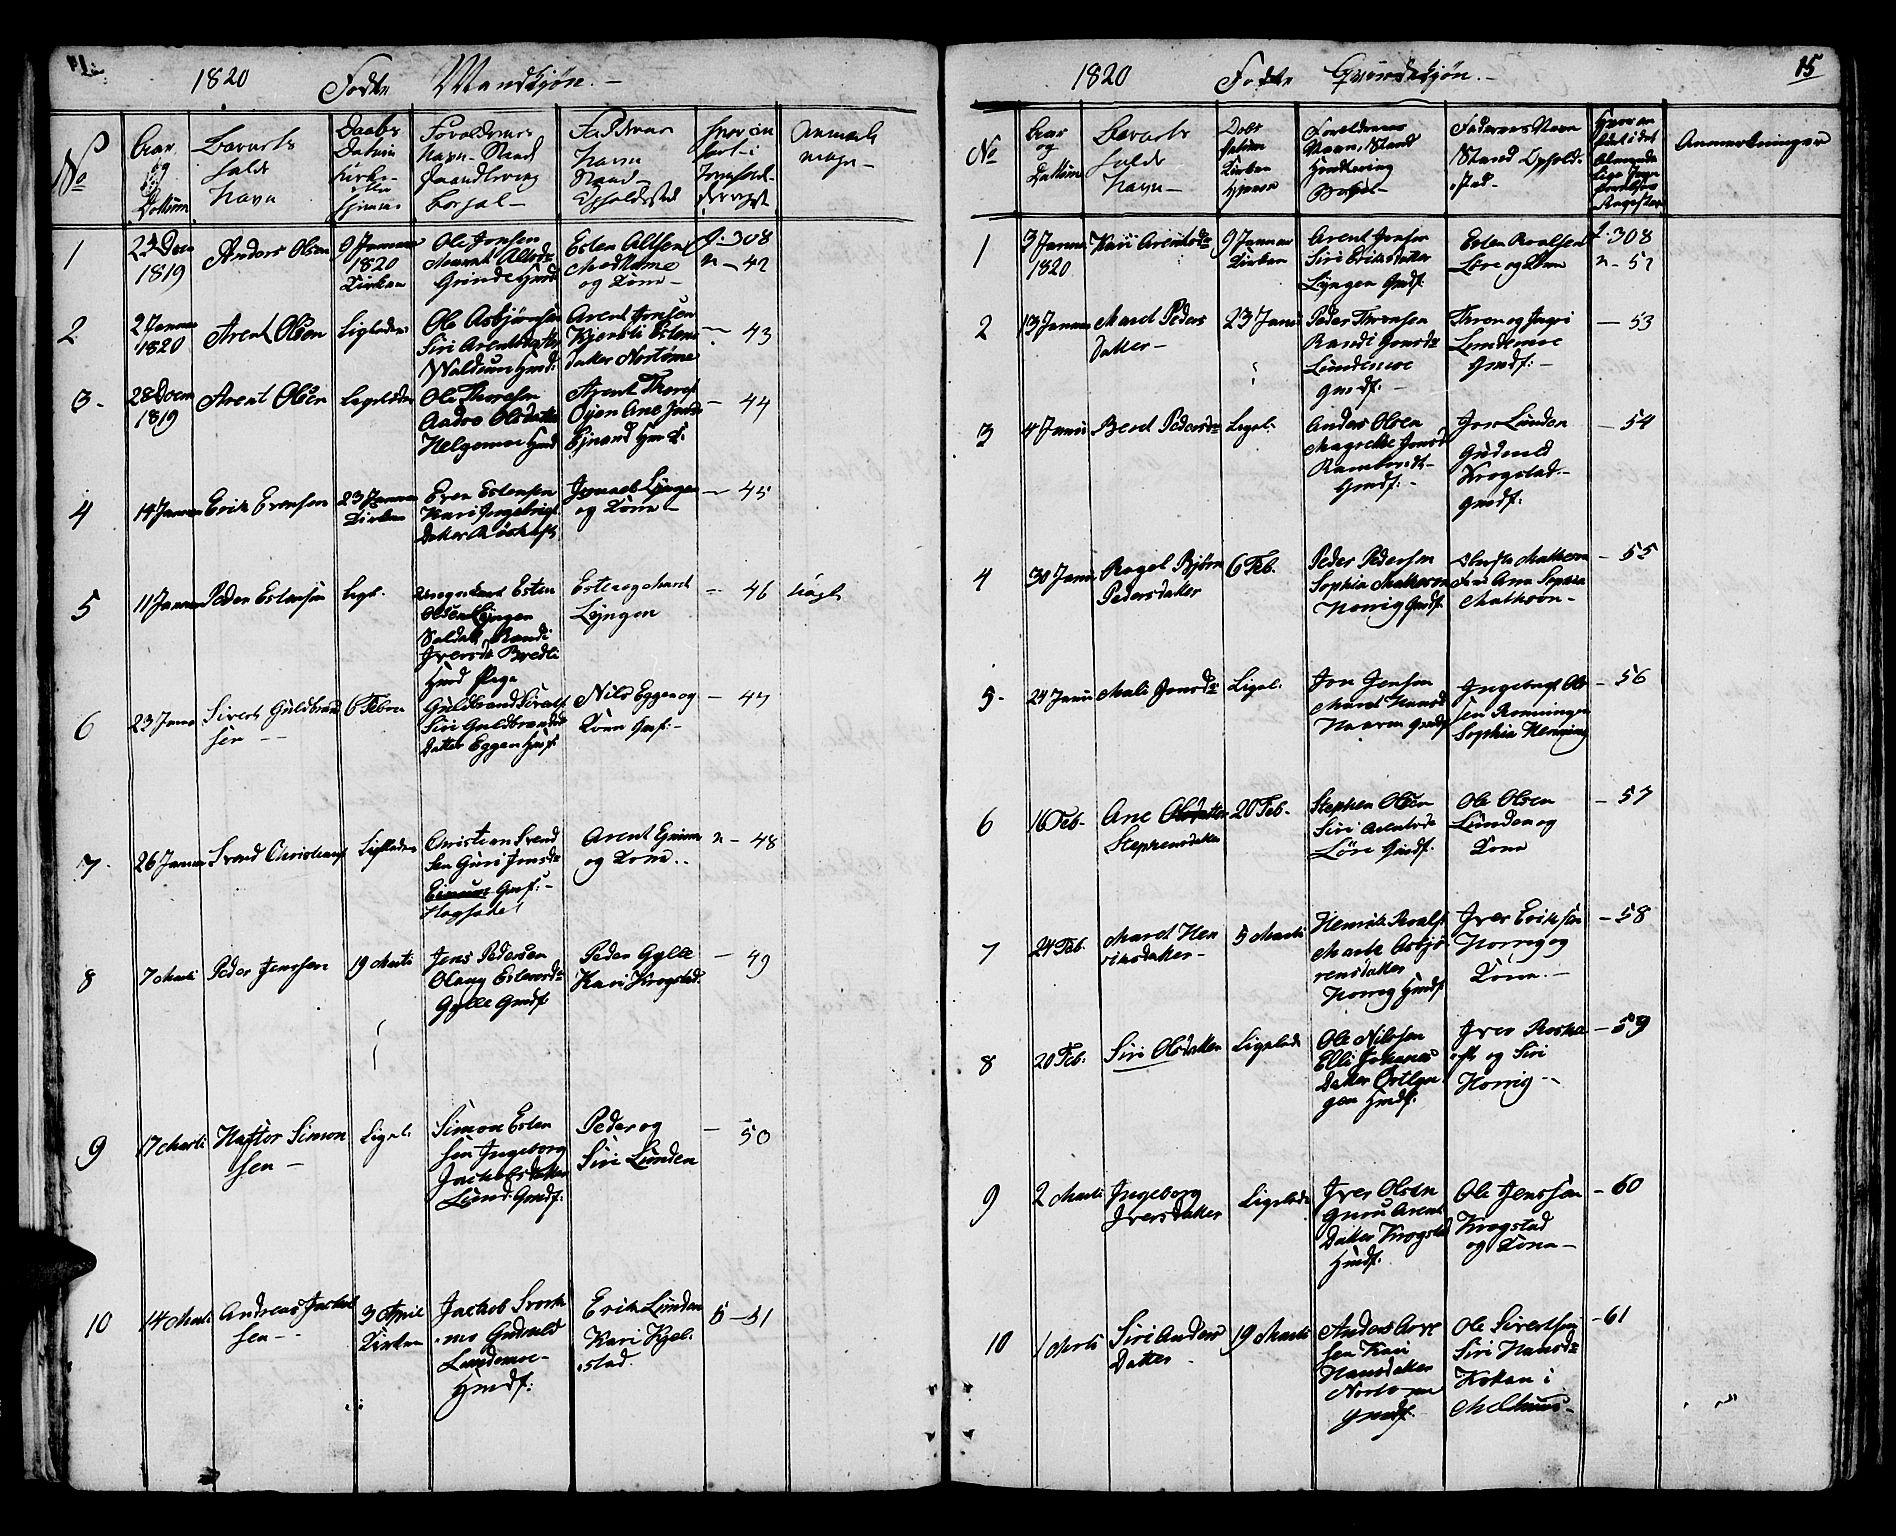 SAT, Ministerialprotokoller, klokkerbøker og fødselsregistre - Sør-Trøndelag, 692/L1108: Klokkerbok nr. 692C03, 1816-1833, s. 15